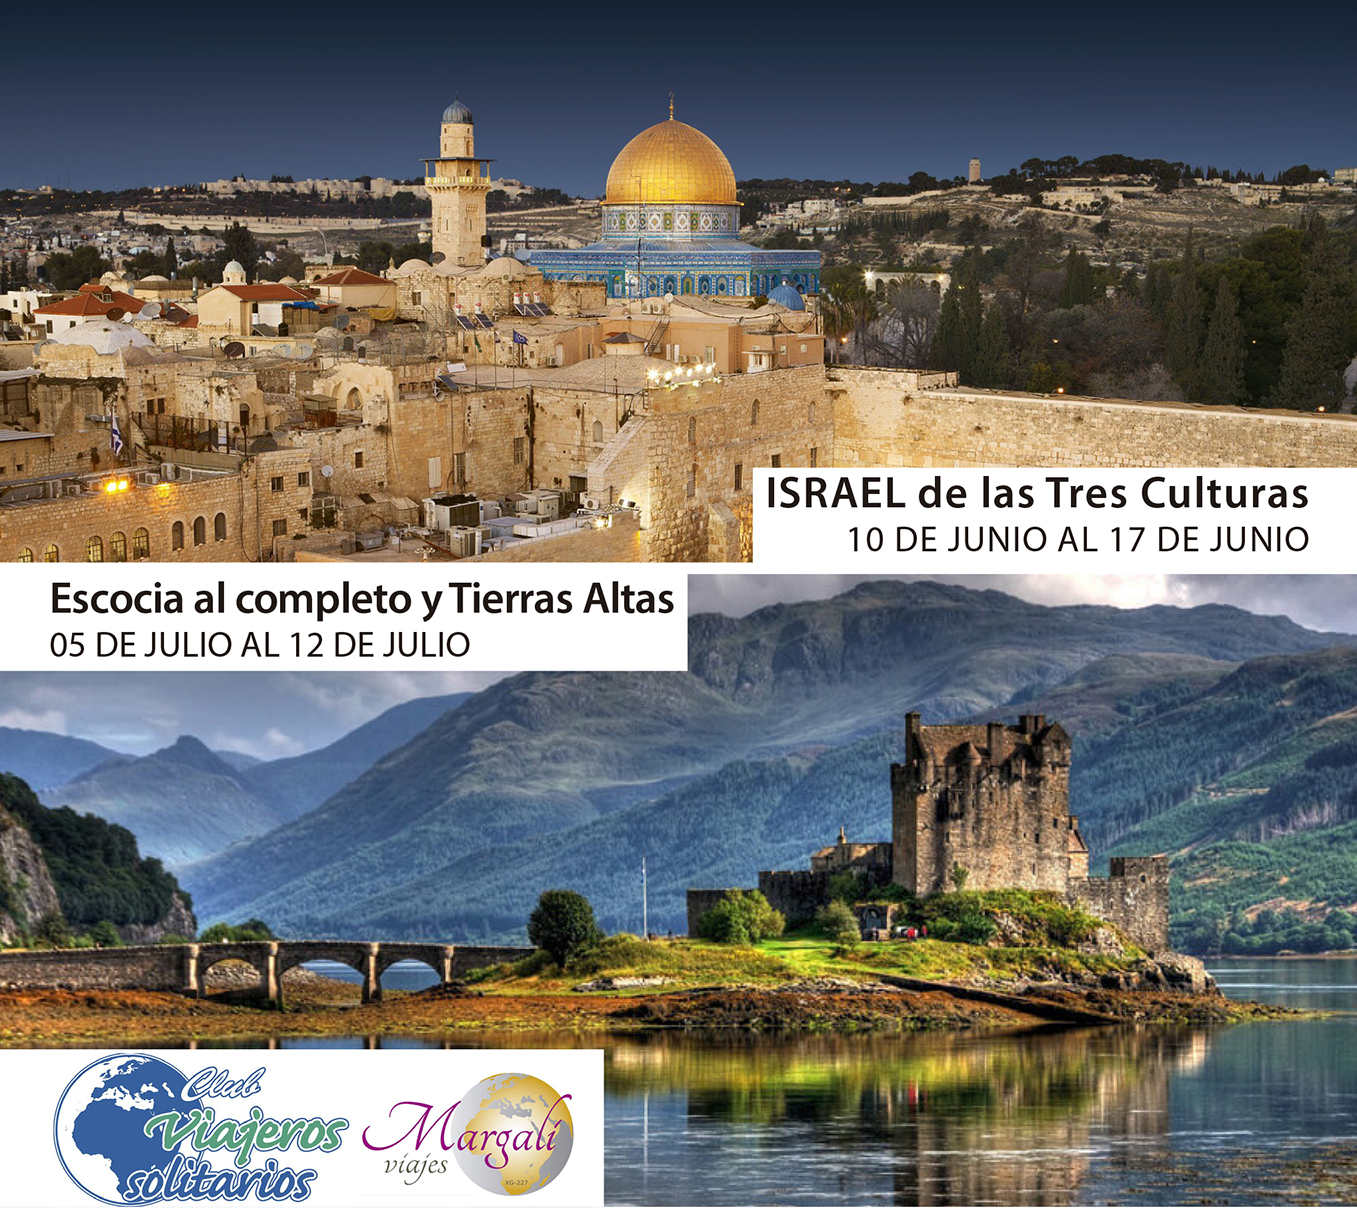 ISRAEL en Junio y ESCOCIA en Julio, dos viajes de ensueño.